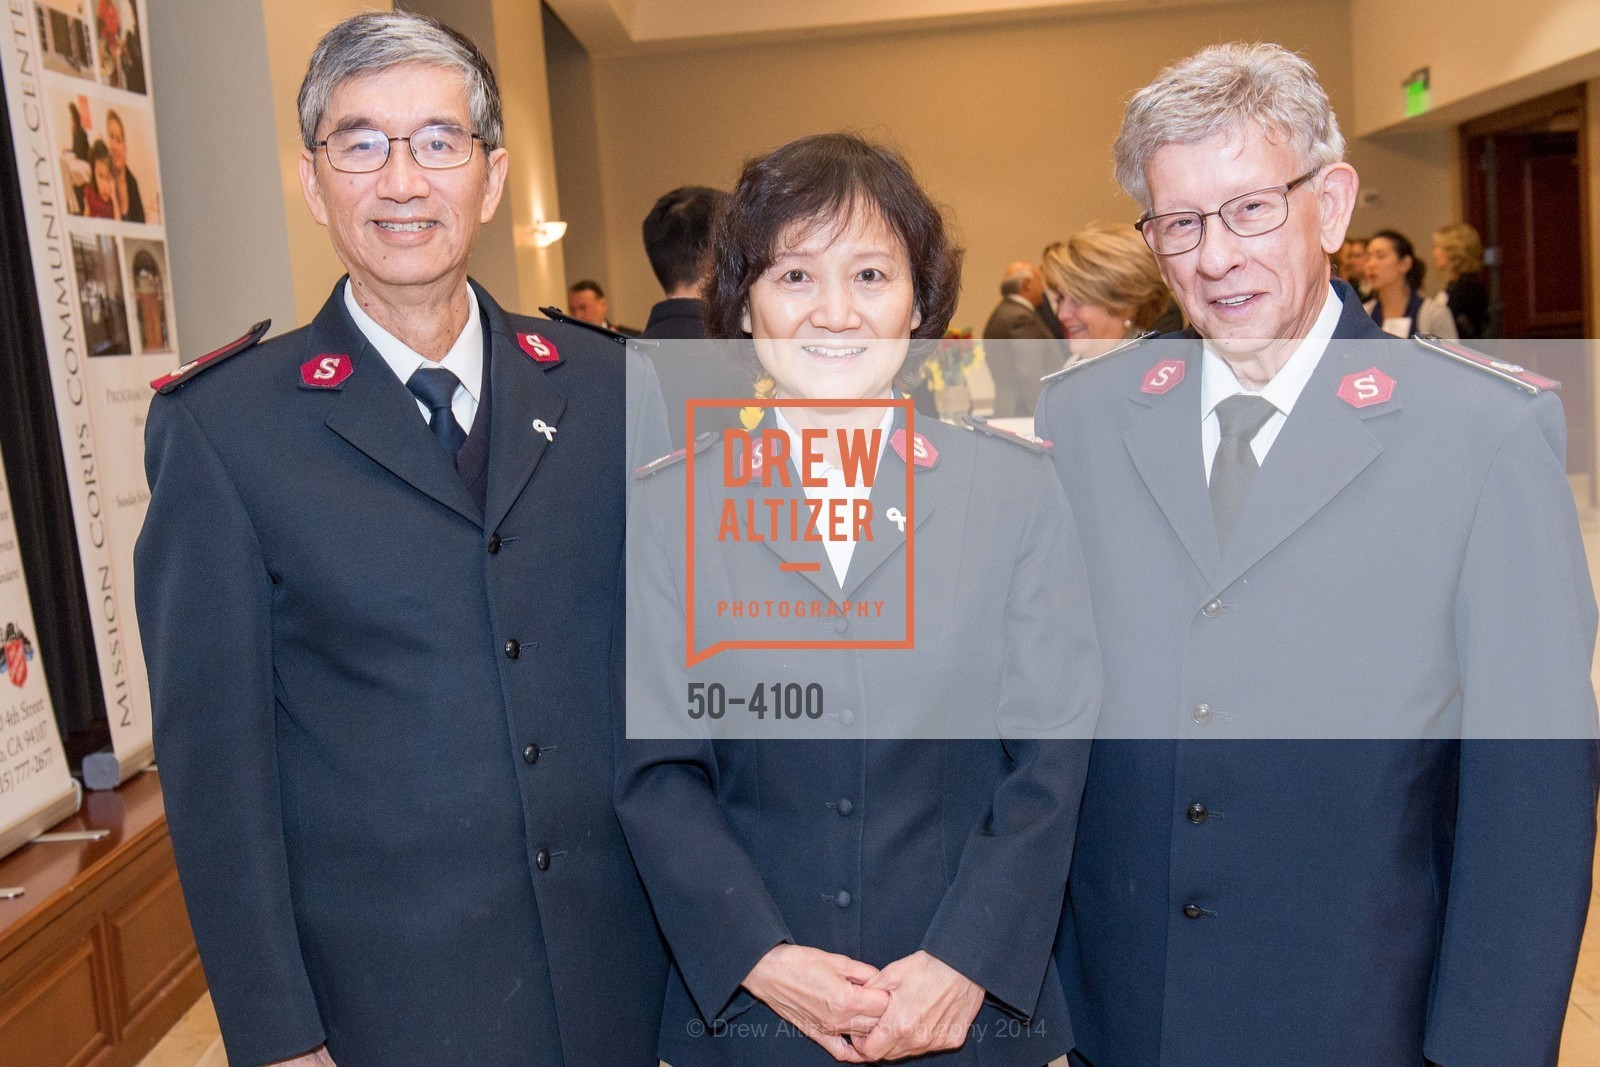 Maj. Thomas Mui, Maj. Joy Mui, Lt.Col. Ritz Love, Photo #50-4100